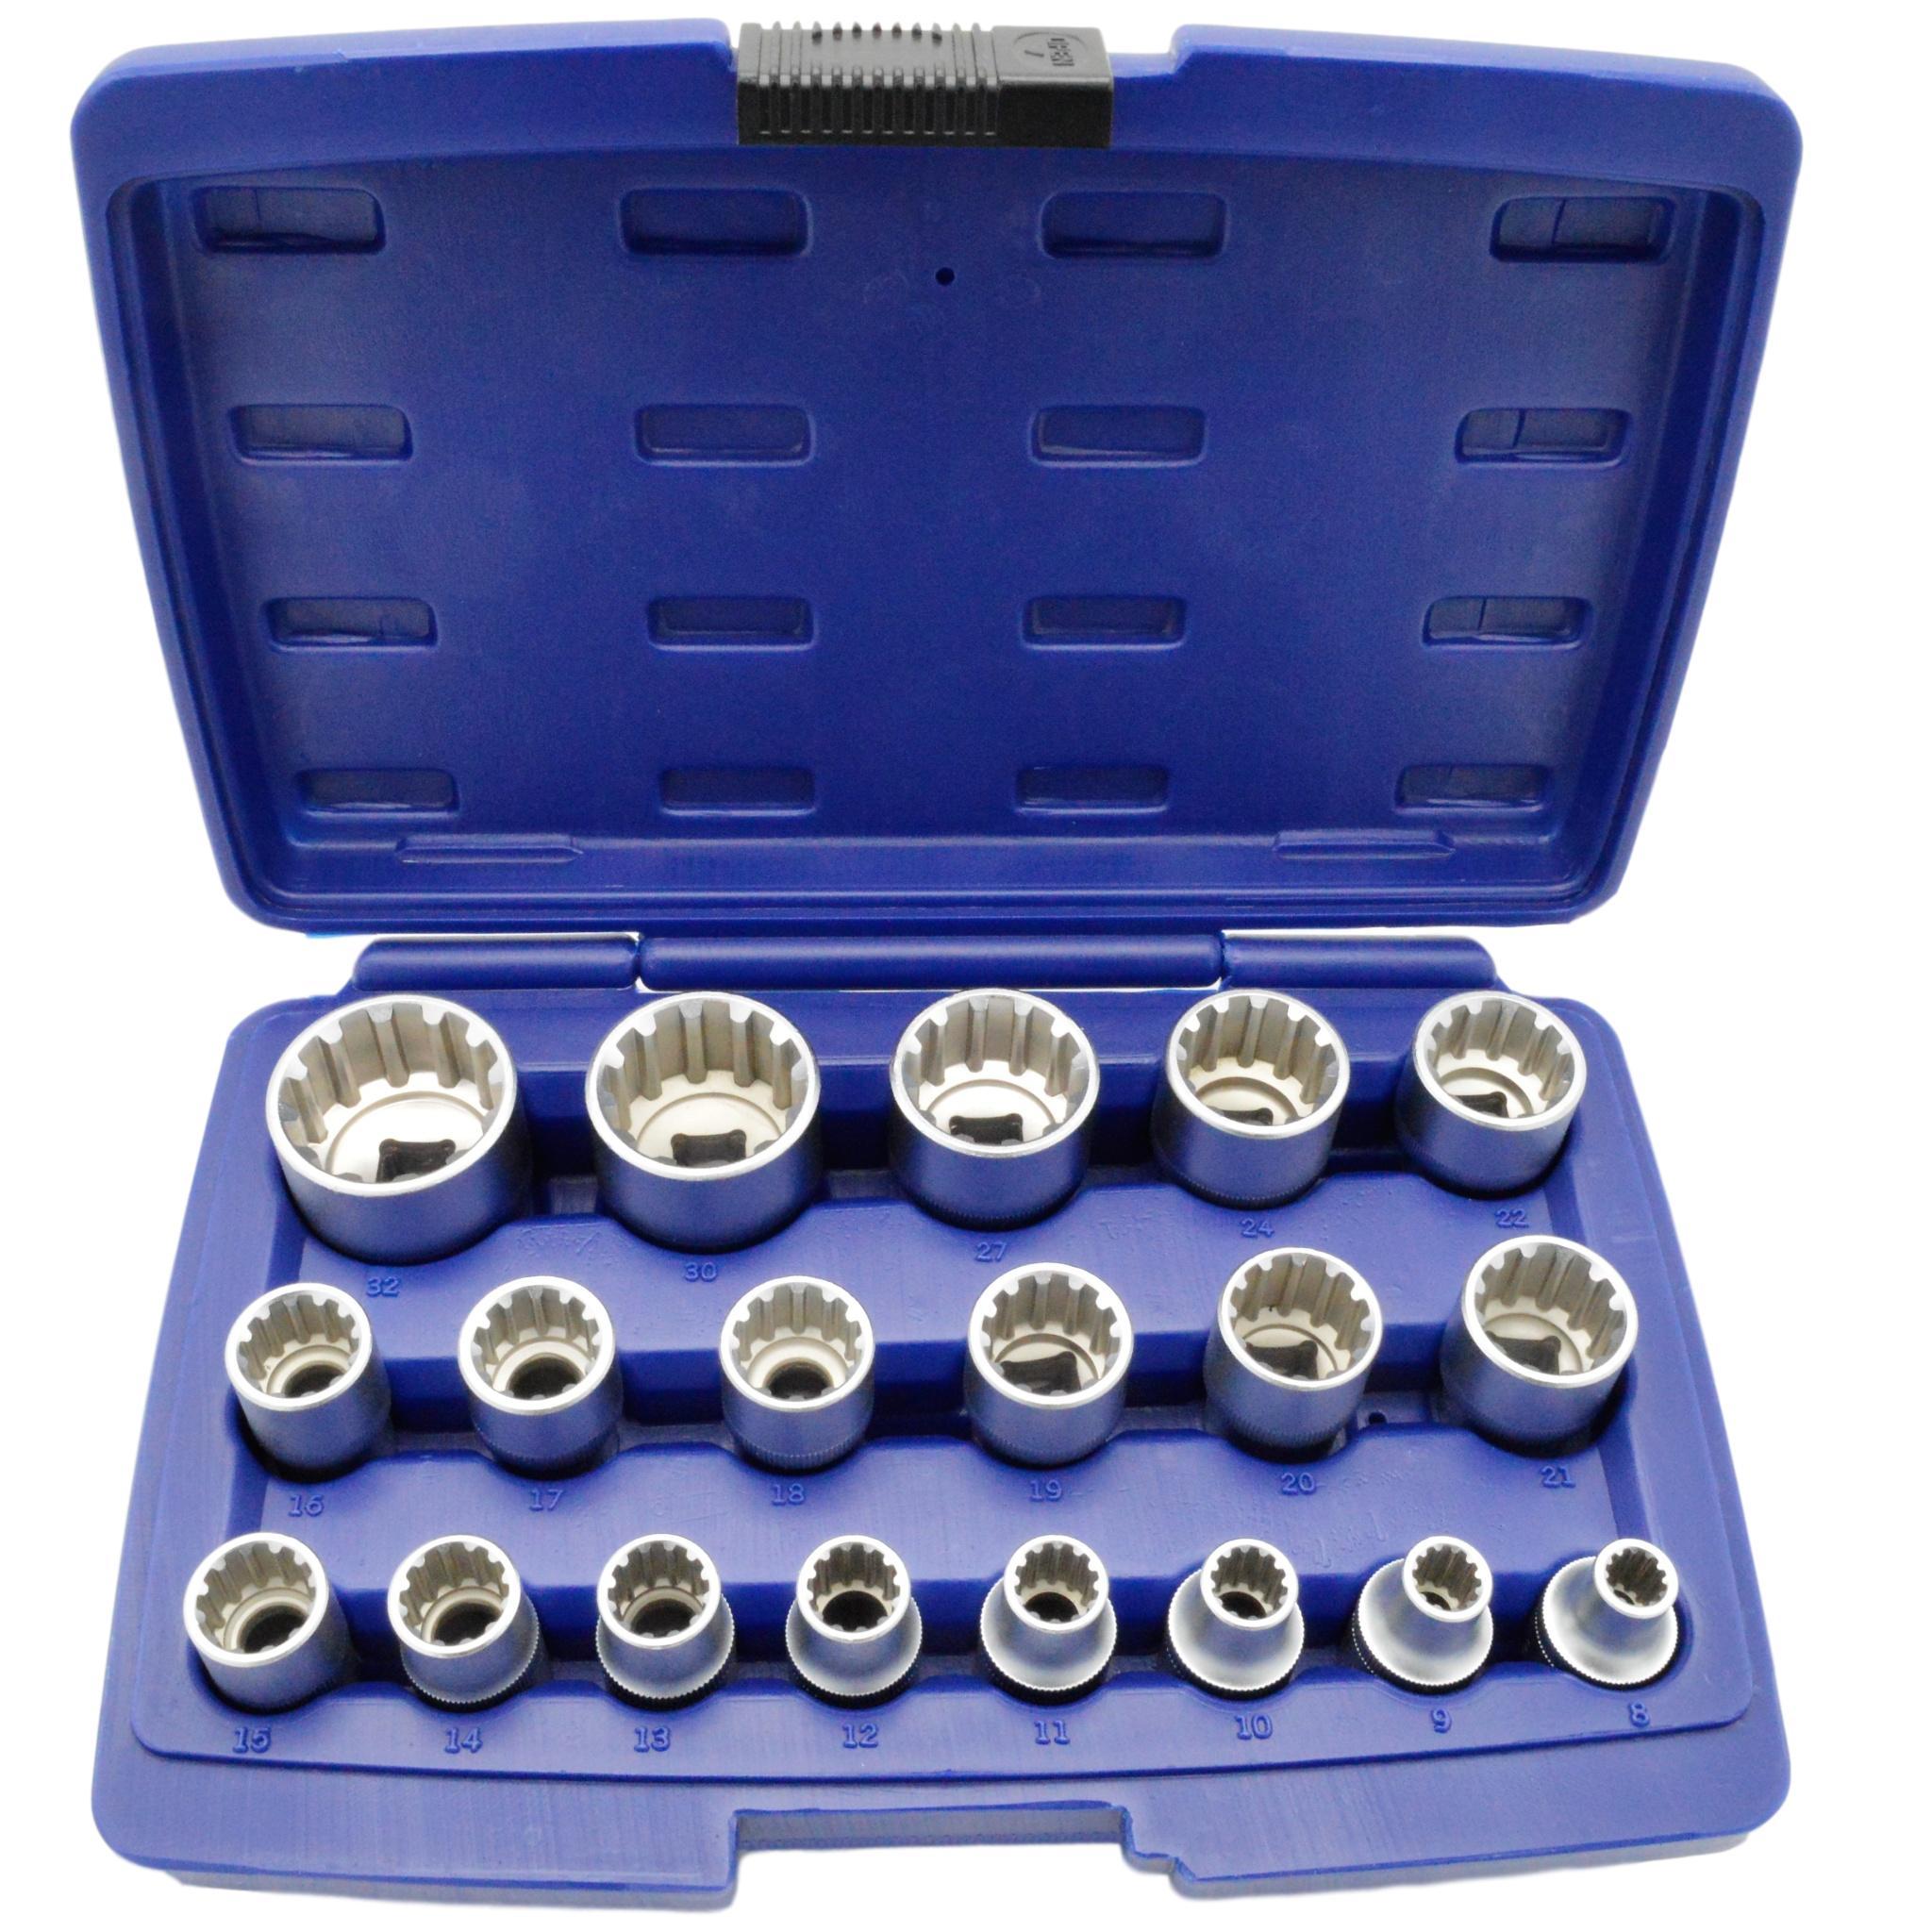 Steckschlüssel Satz 1//2 Zoll 8-32 mm Vielzahn Nüsse Torx Nüße Stecknüsse 19 tlg